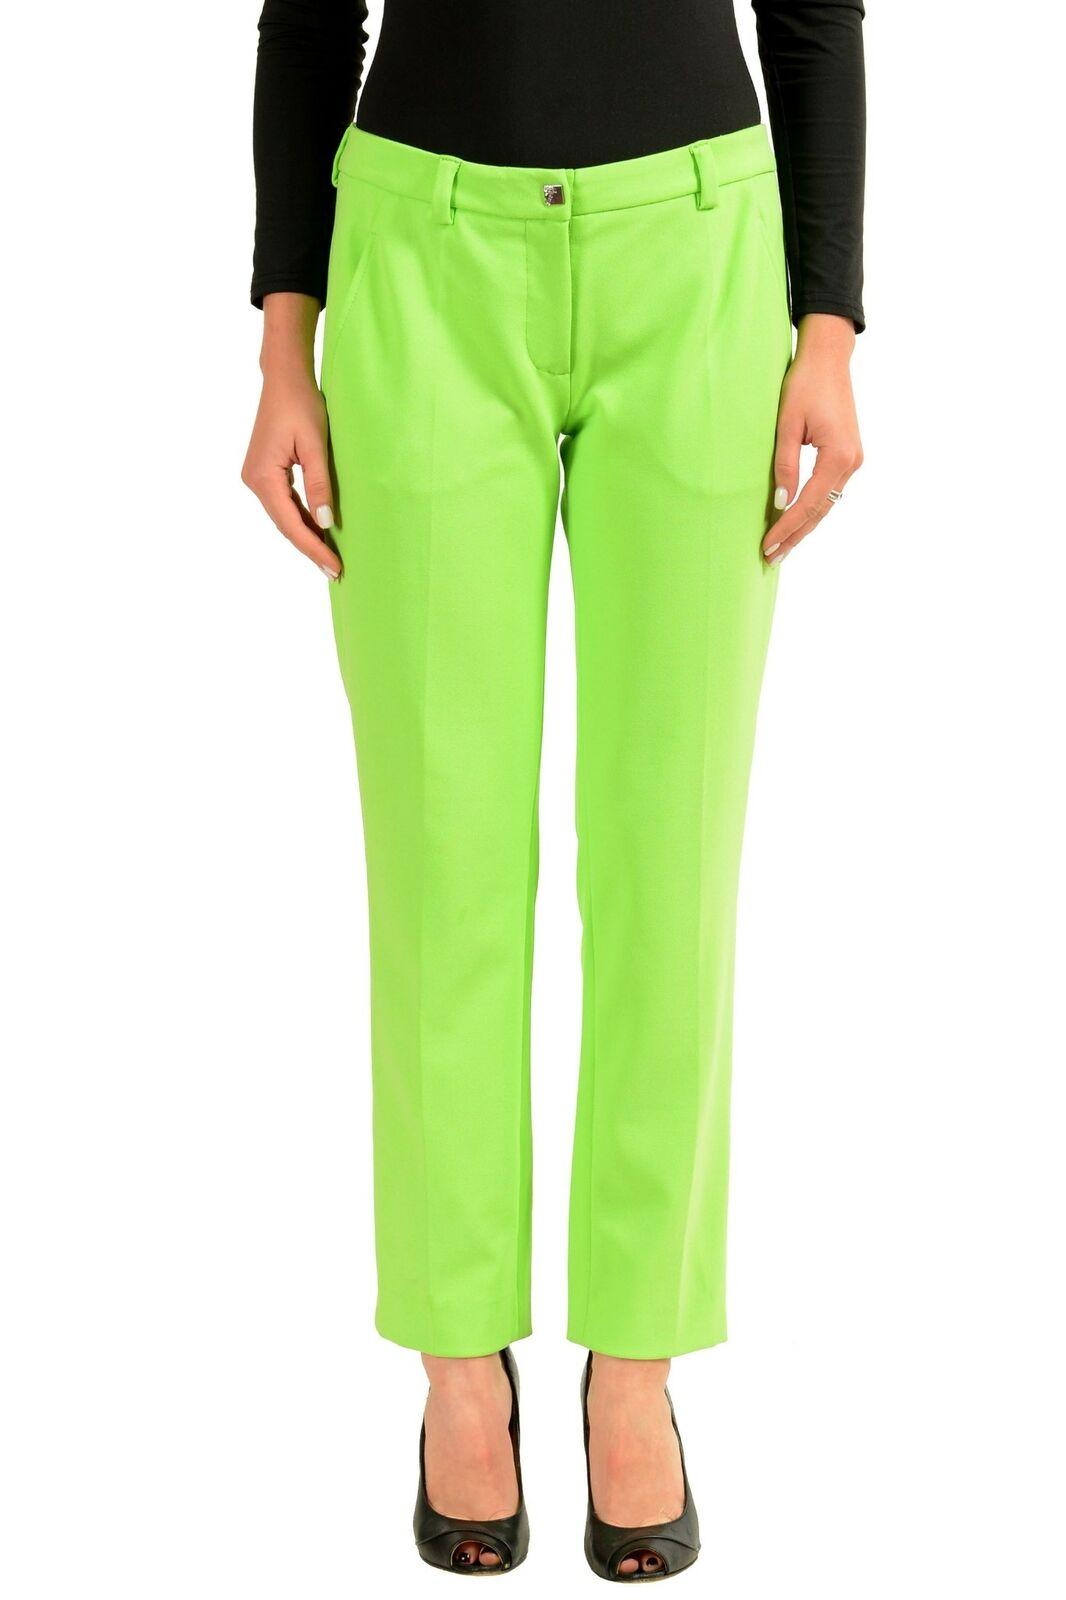 Versace Collection verde Donna Pantaloni Casual TAGLIA TAGLIA TAGLIA S L 87814c